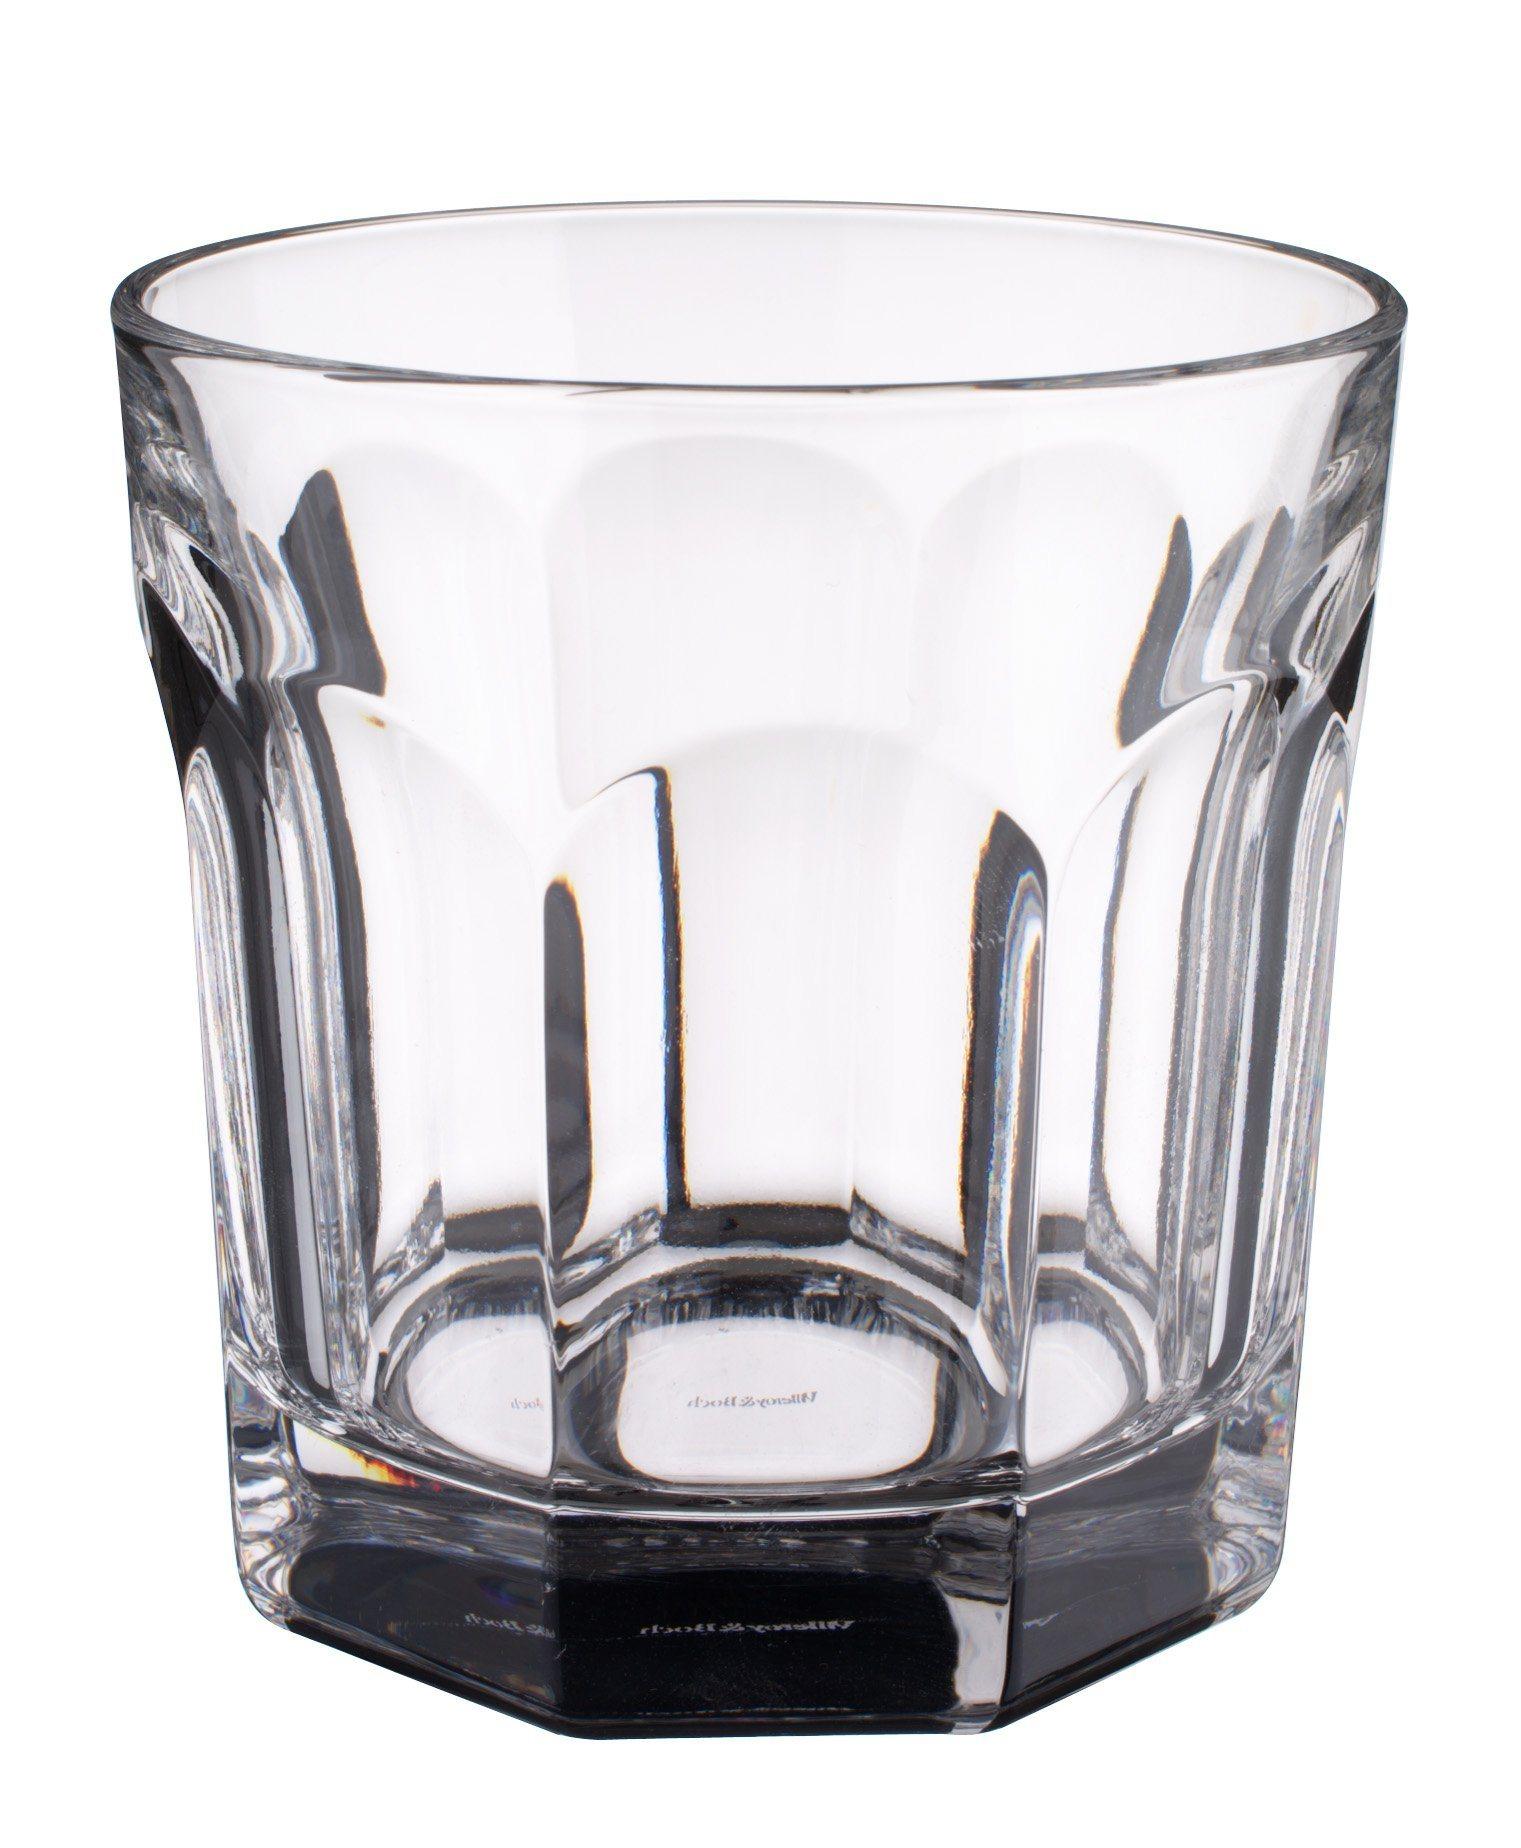 villeroy boch bernadotte whisky glas villeroy boch. Black Bedroom Furniture Sets. Home Design Ideas